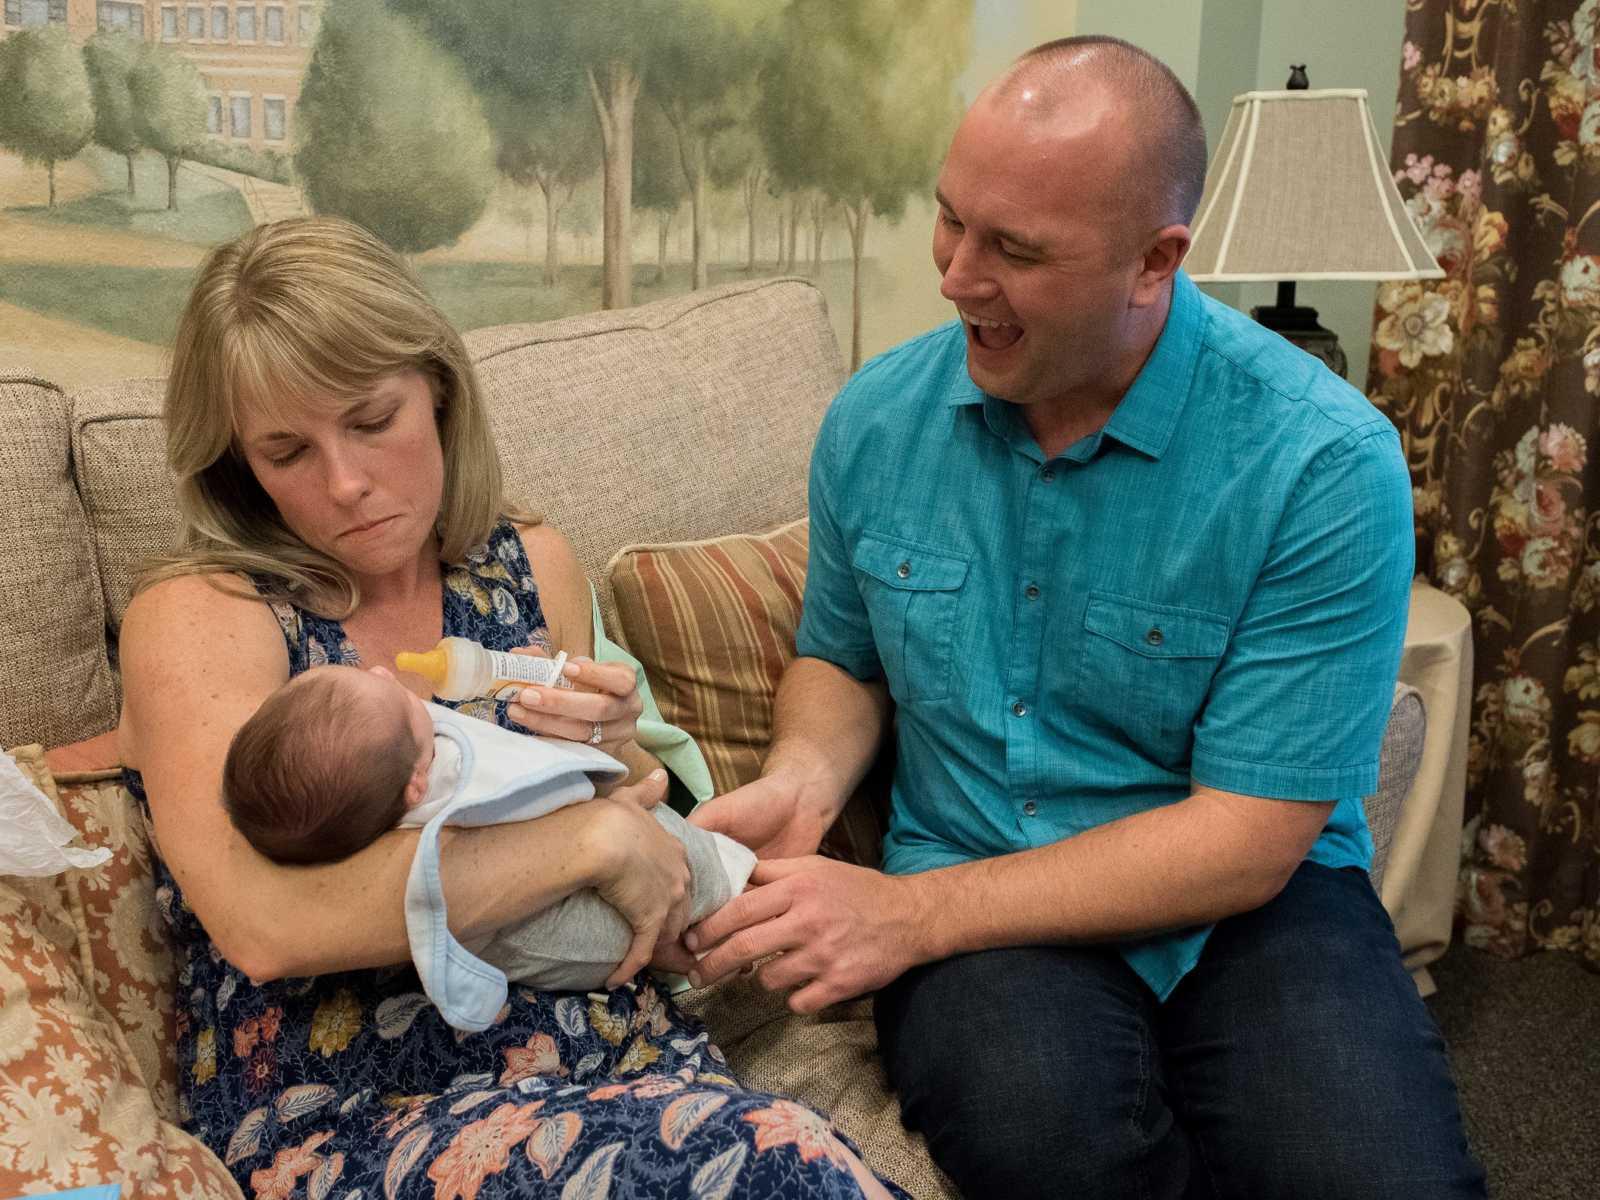 processo-de-adoção-mãe-criança-colo-pai